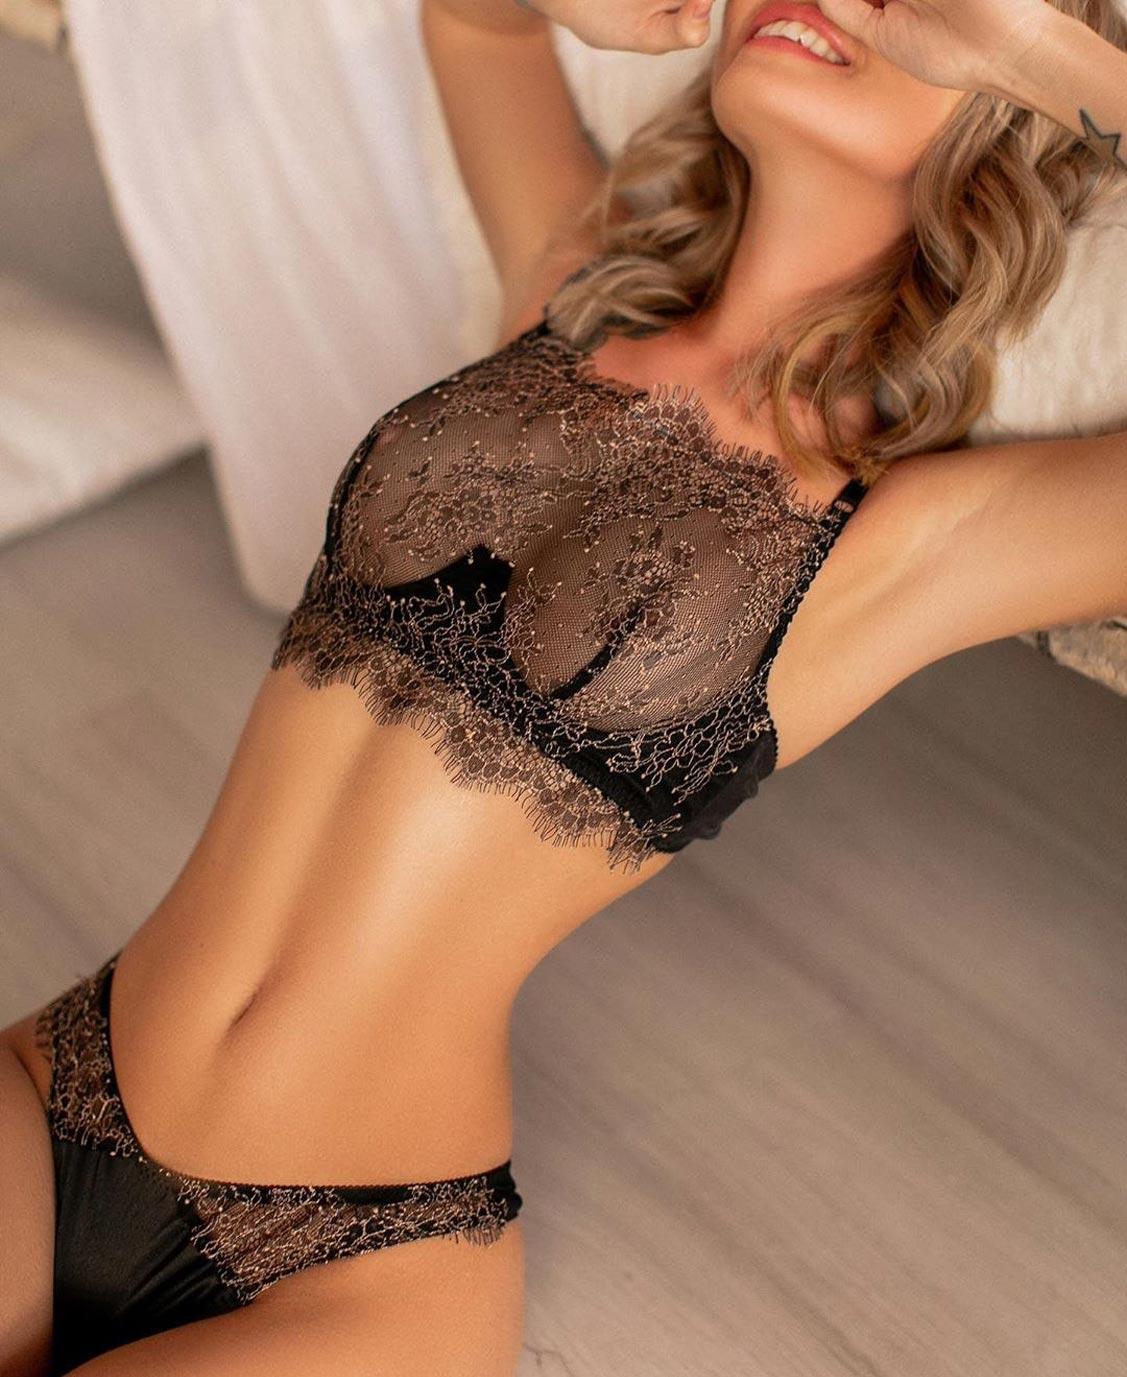 Анастасия Щеглова в нижнем белье торговой марки MissX / фото 12